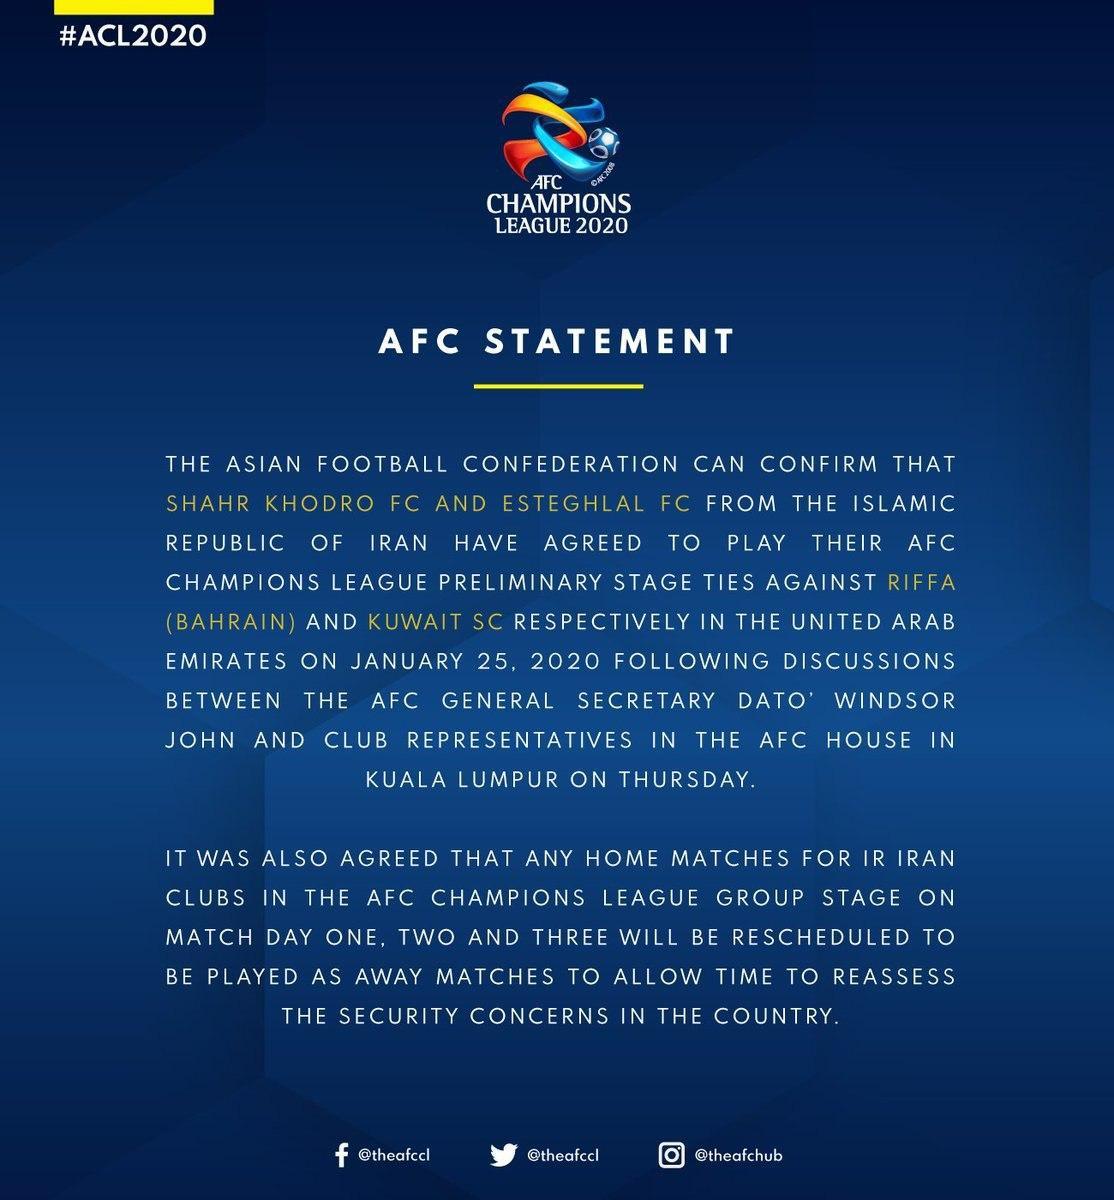 بیانیه AFC: تیم های ایرانی پس از بررسی های لازم می توانند از حریفان خود میزبانی کنند